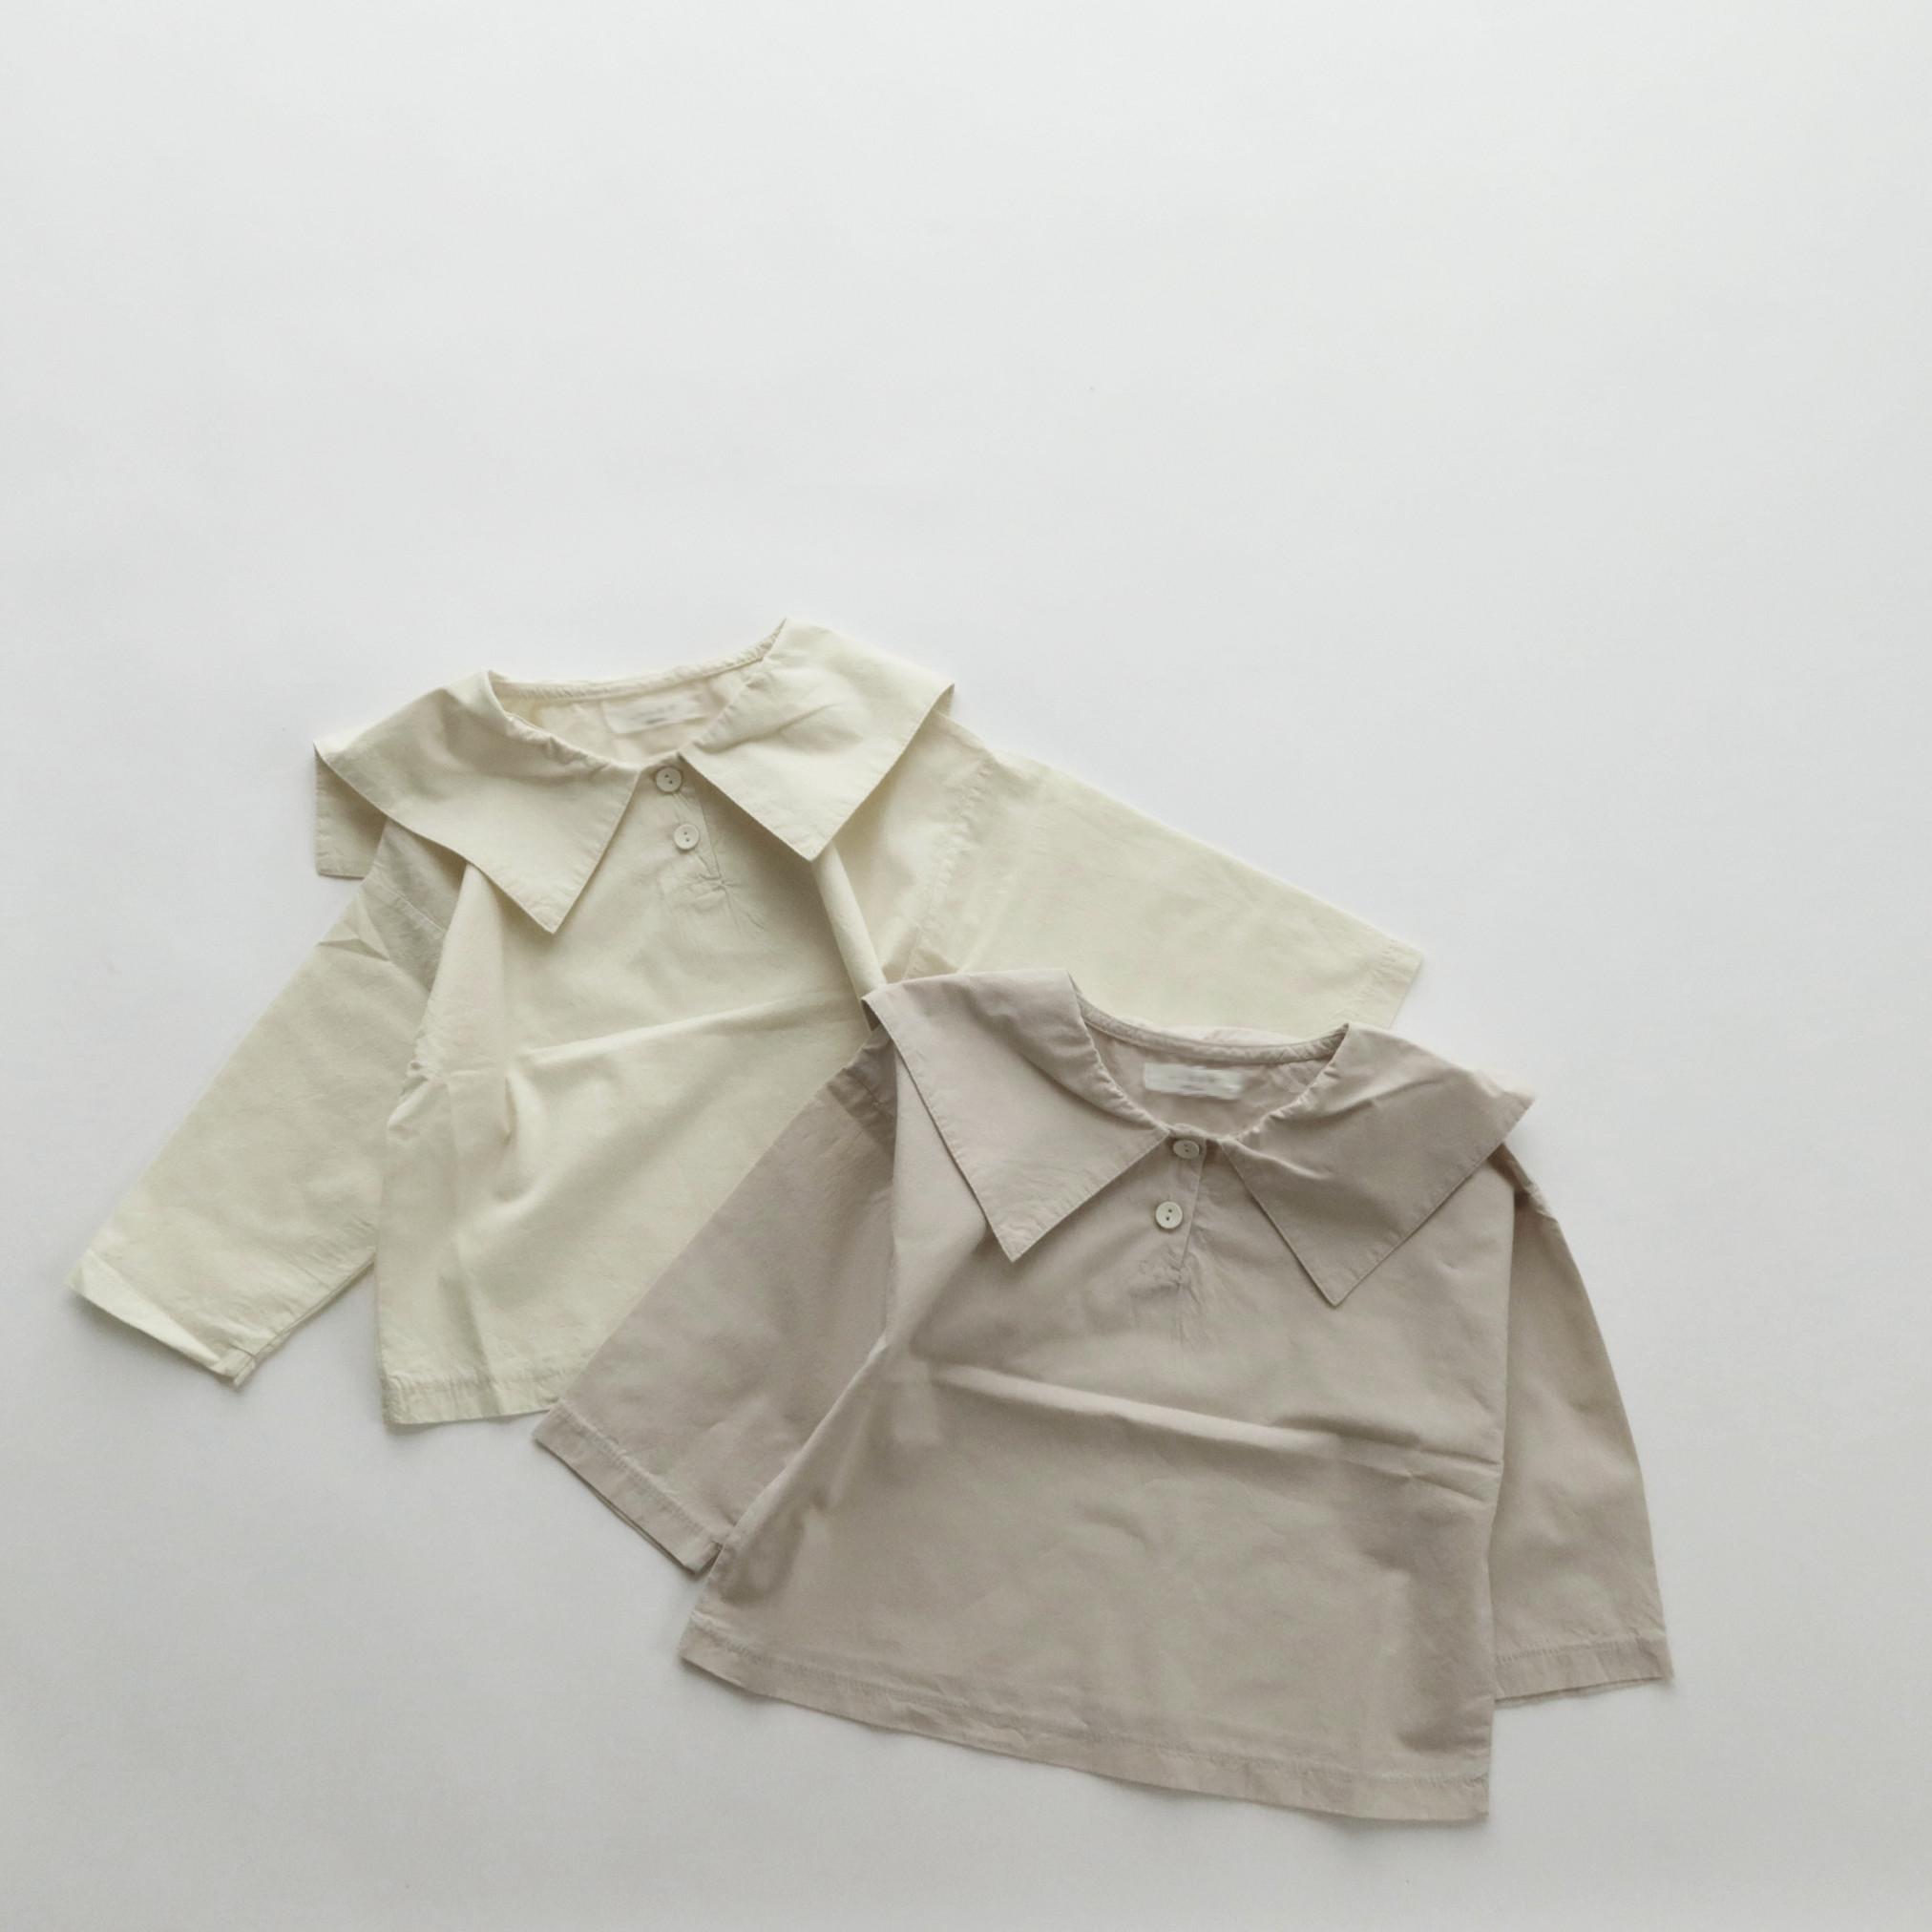 オートミールブラウス Bisque びすく 韓国子供服 ビスク キッズ服 女の子 新作入荷 長袖 男の子 正規品